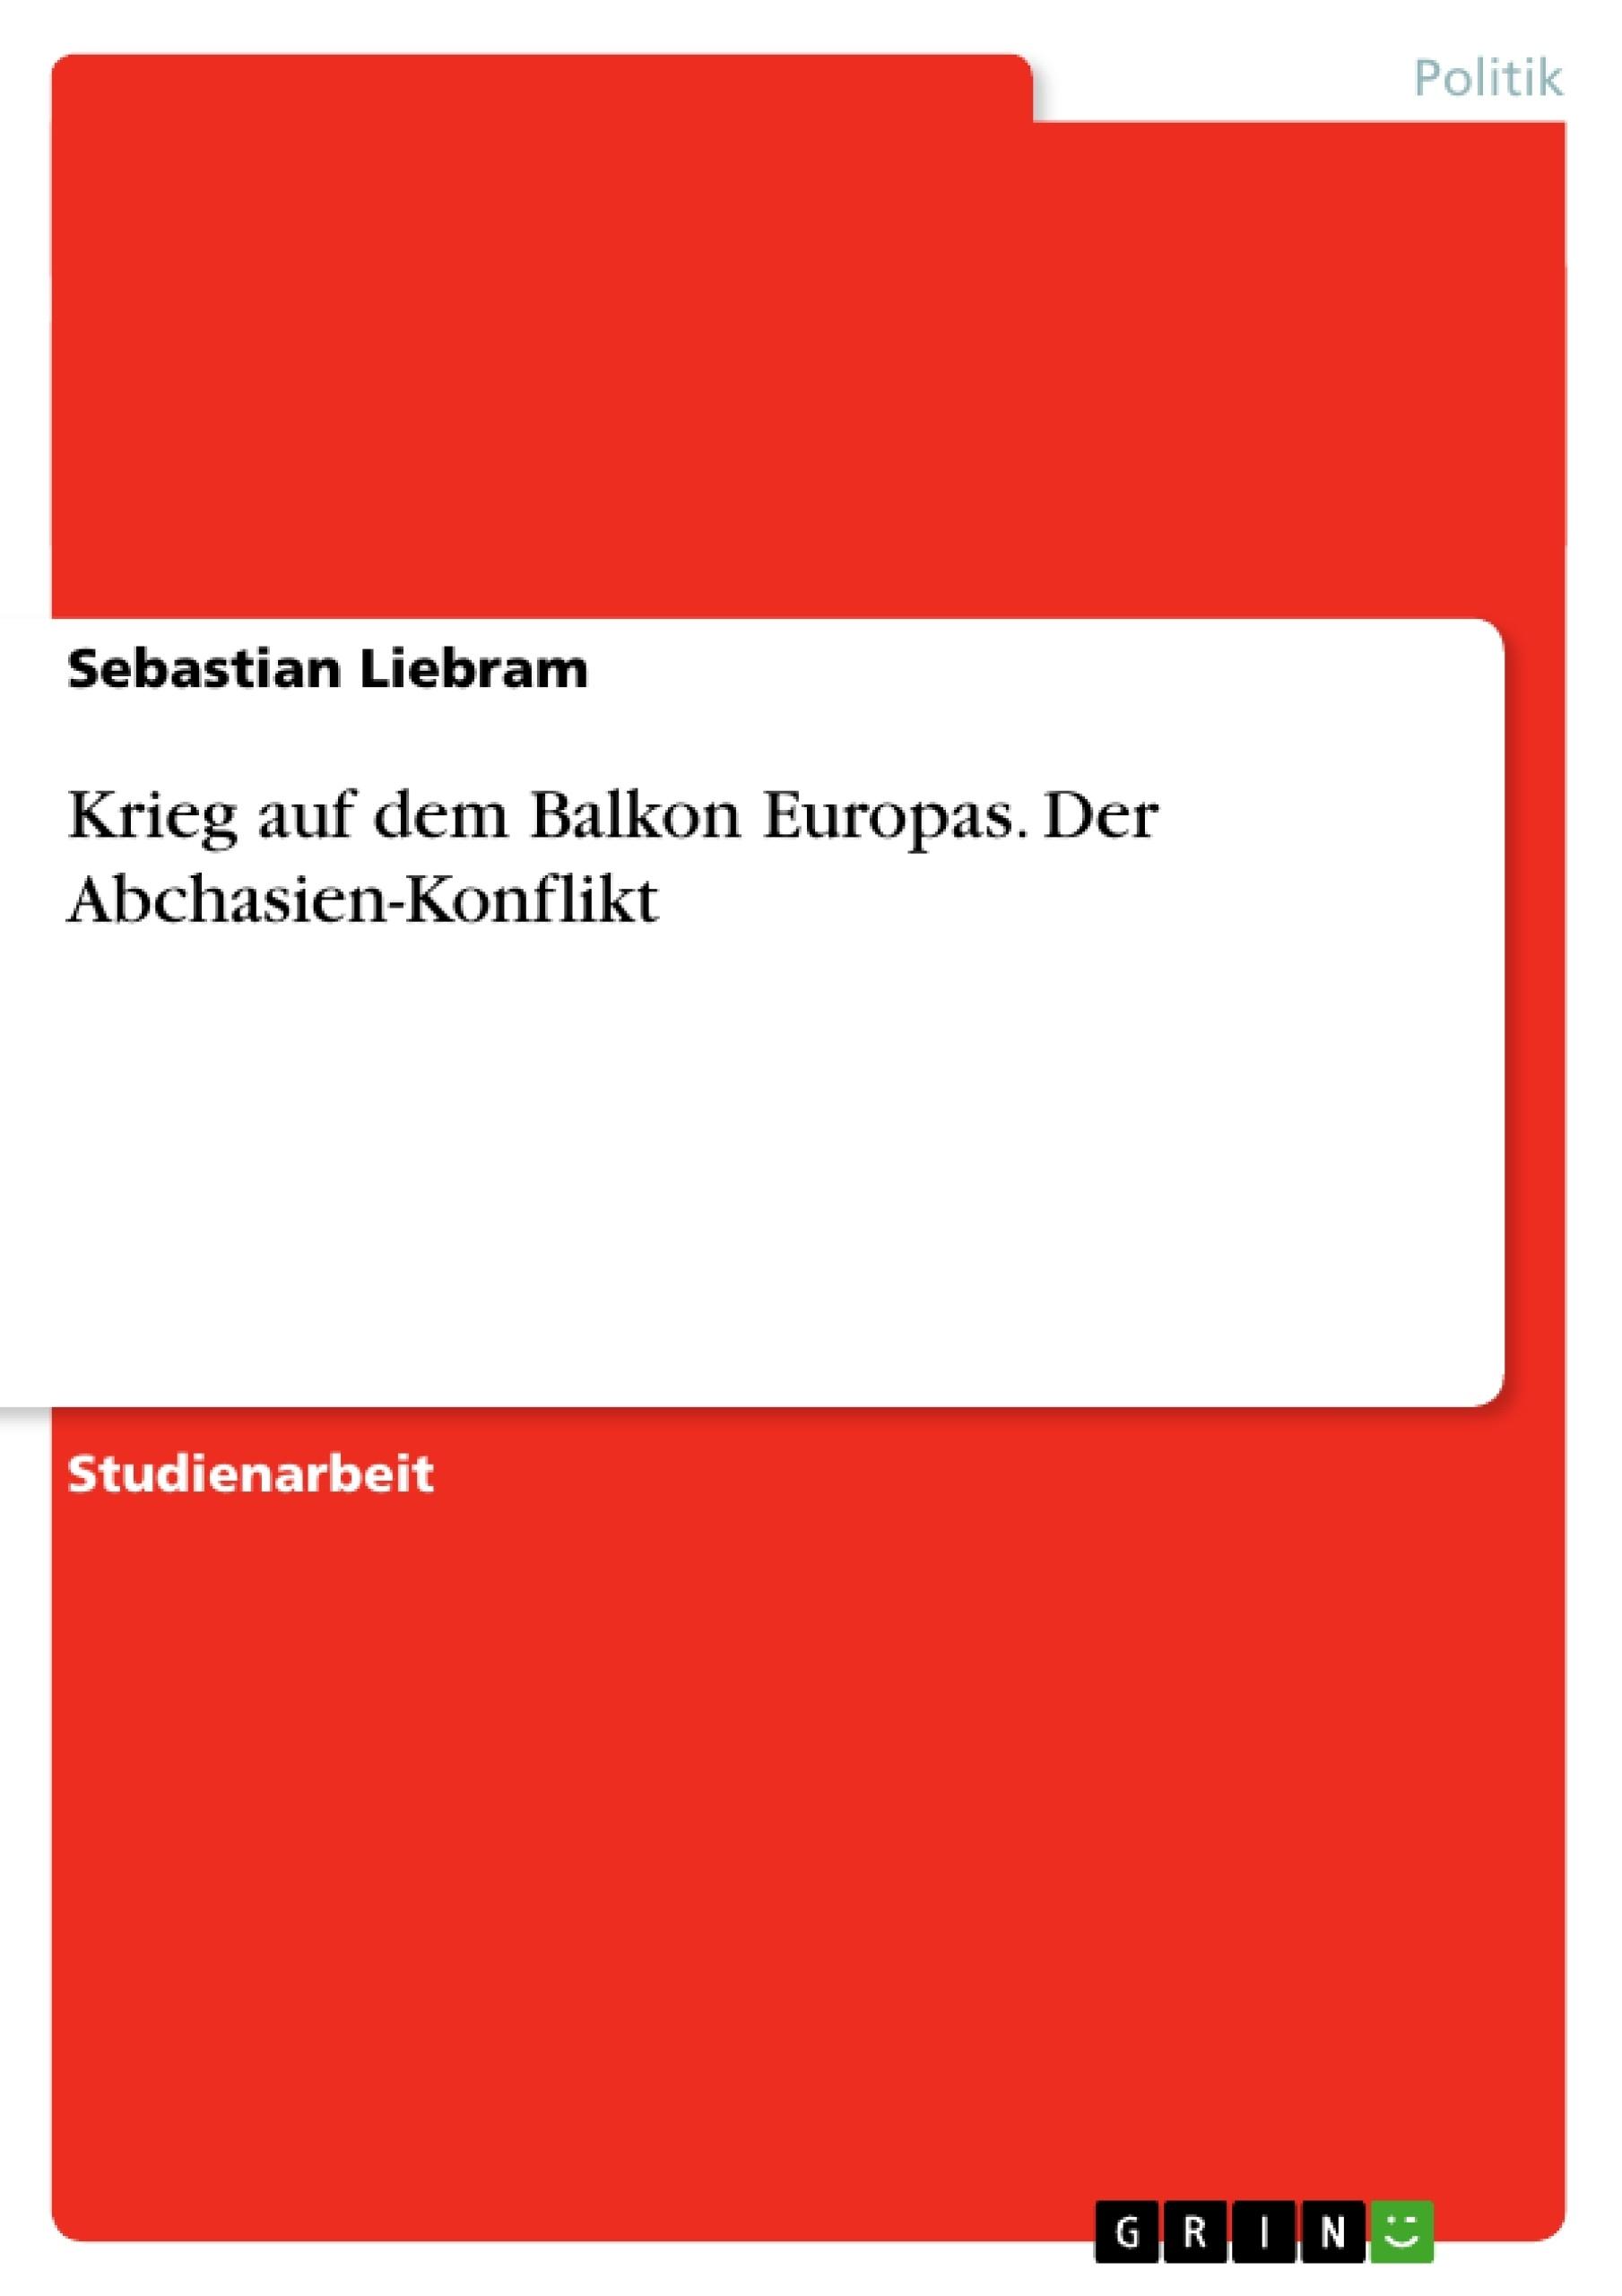 Titel: Krieg auf dem Balkon Europas. Der Abchasien-Konflikt